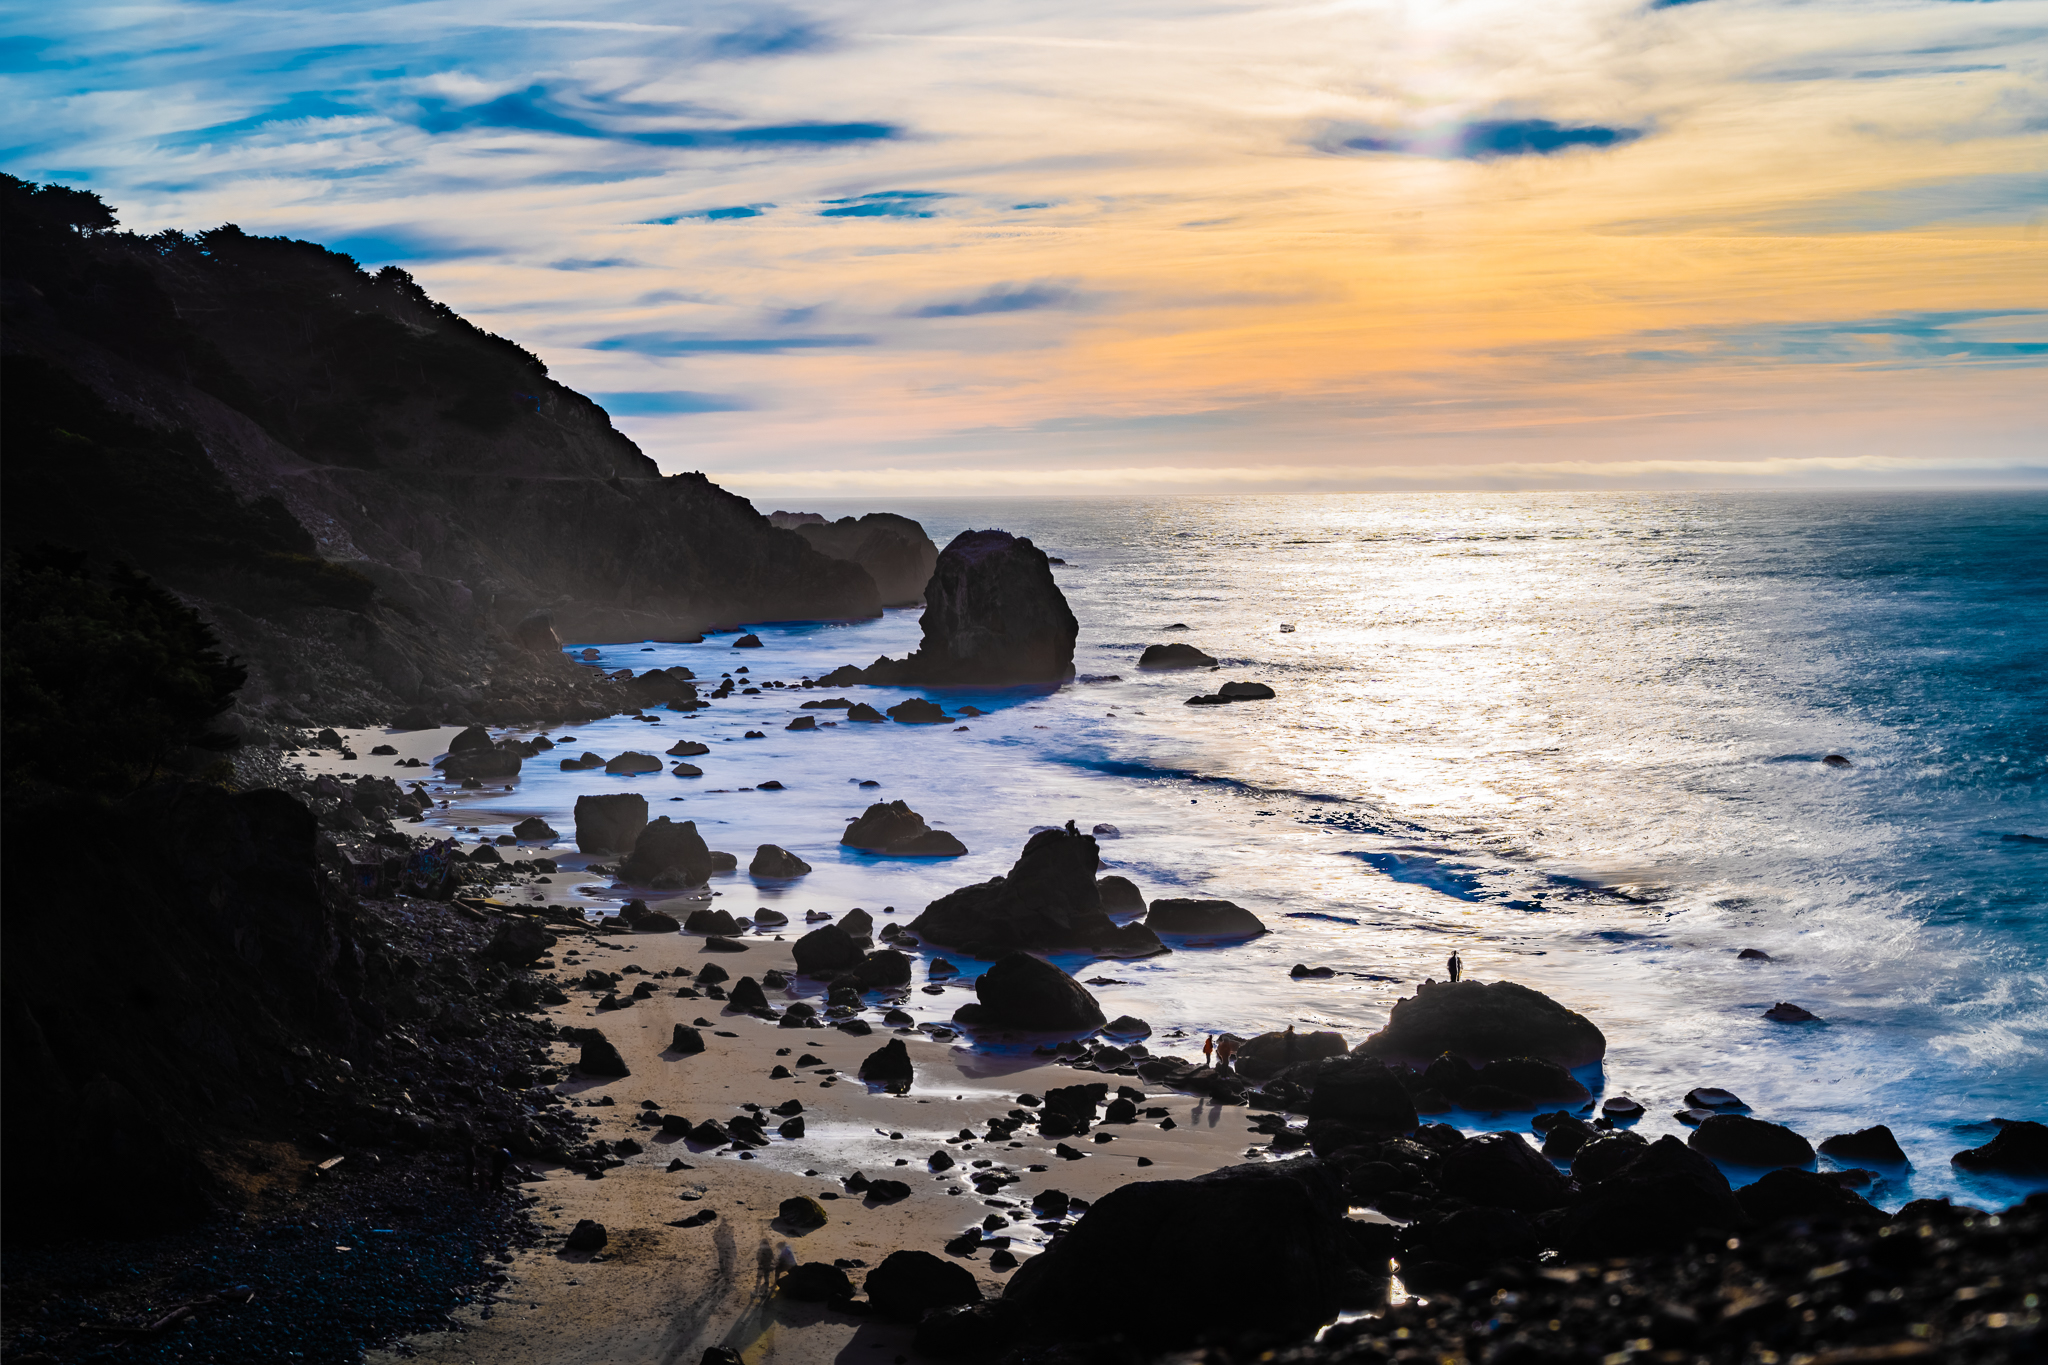 San Franscisco — Lands End